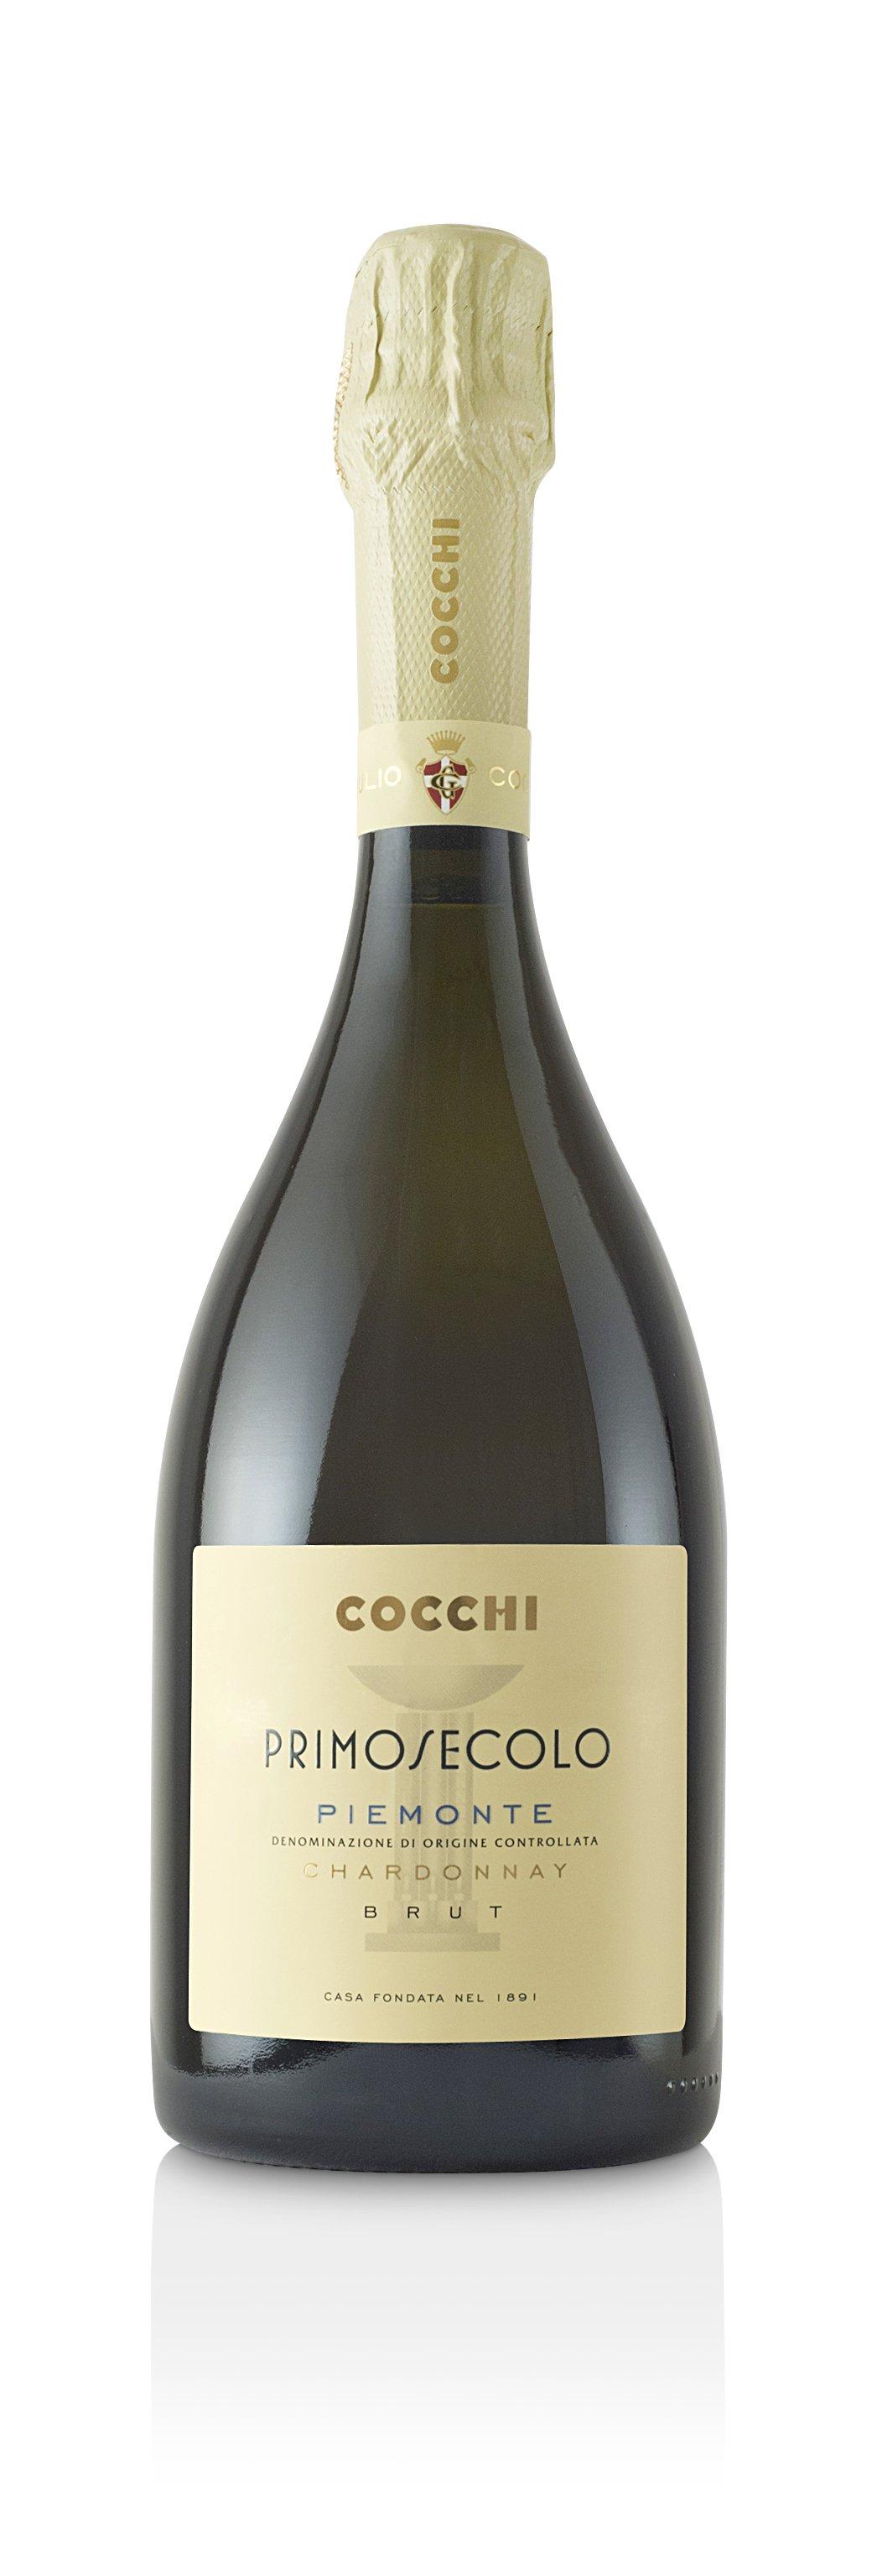 Primosecolo - Cocchi